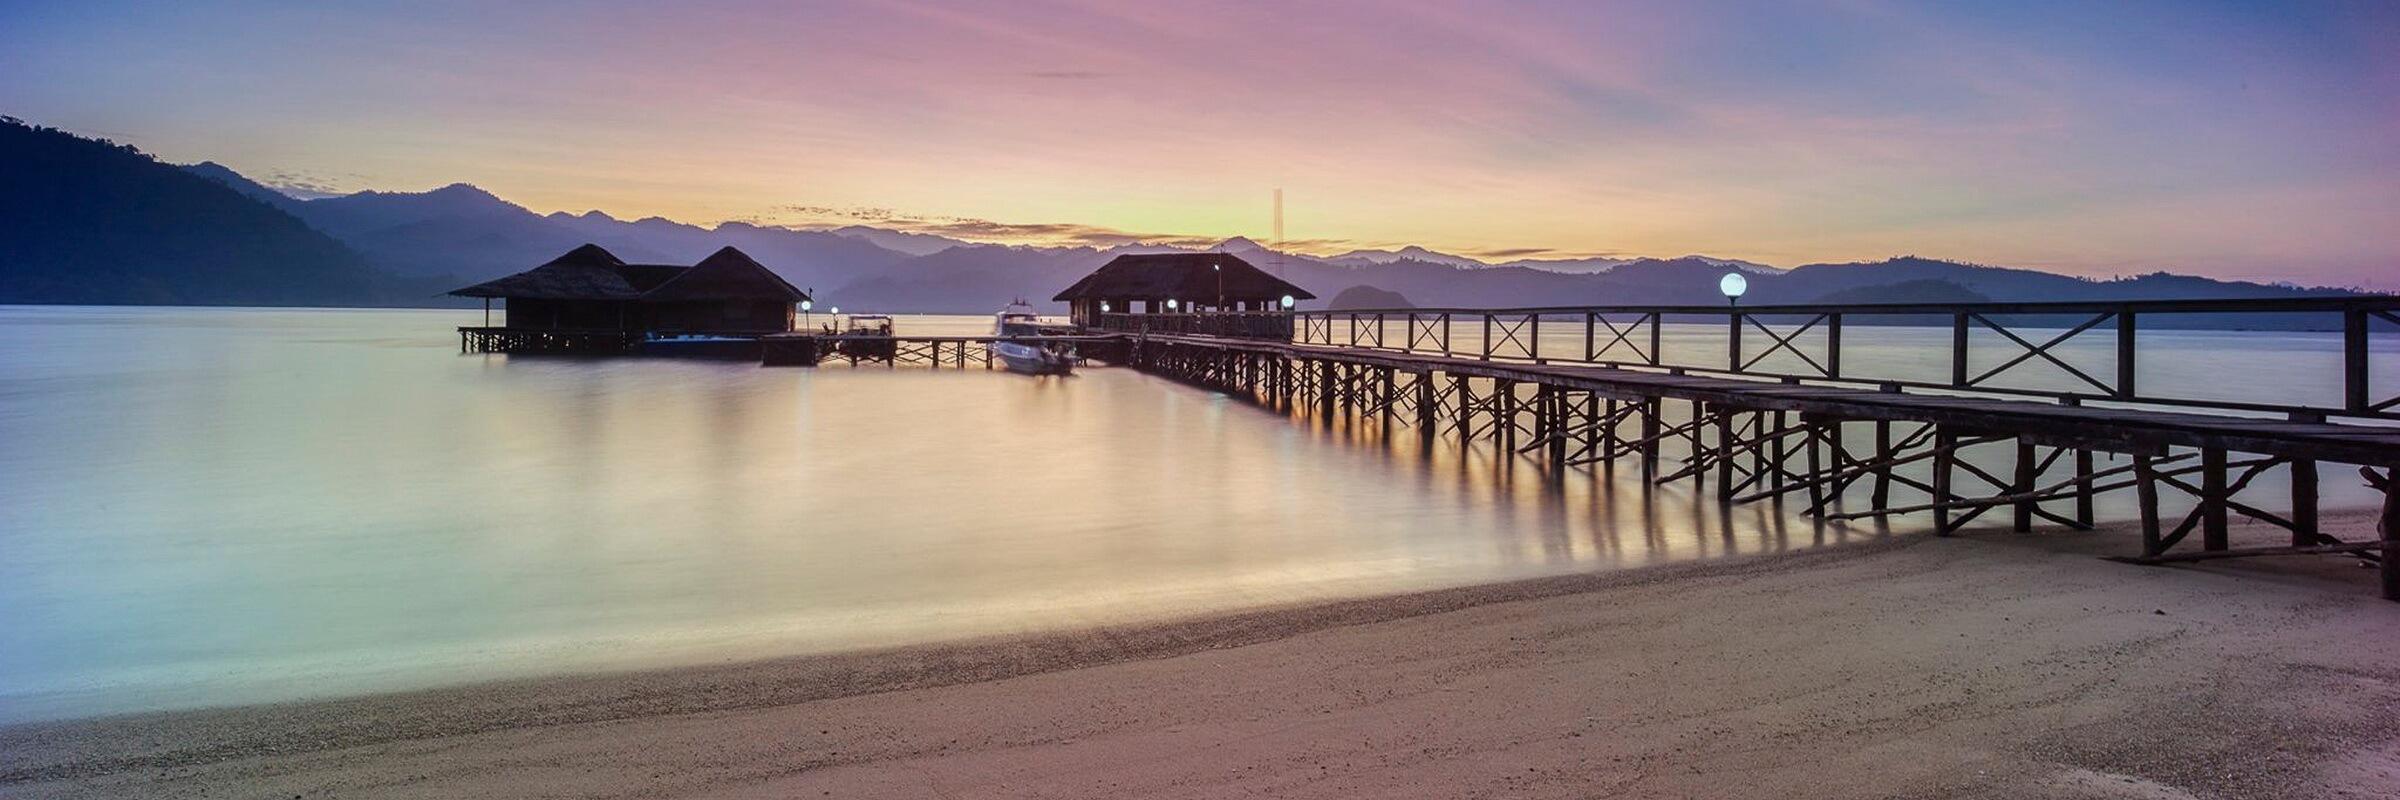 Im Cubadak Paradiso Village befindet sich eine auf dem Pier und über Wasser gebaute Bar mit Sonnenterrasse.